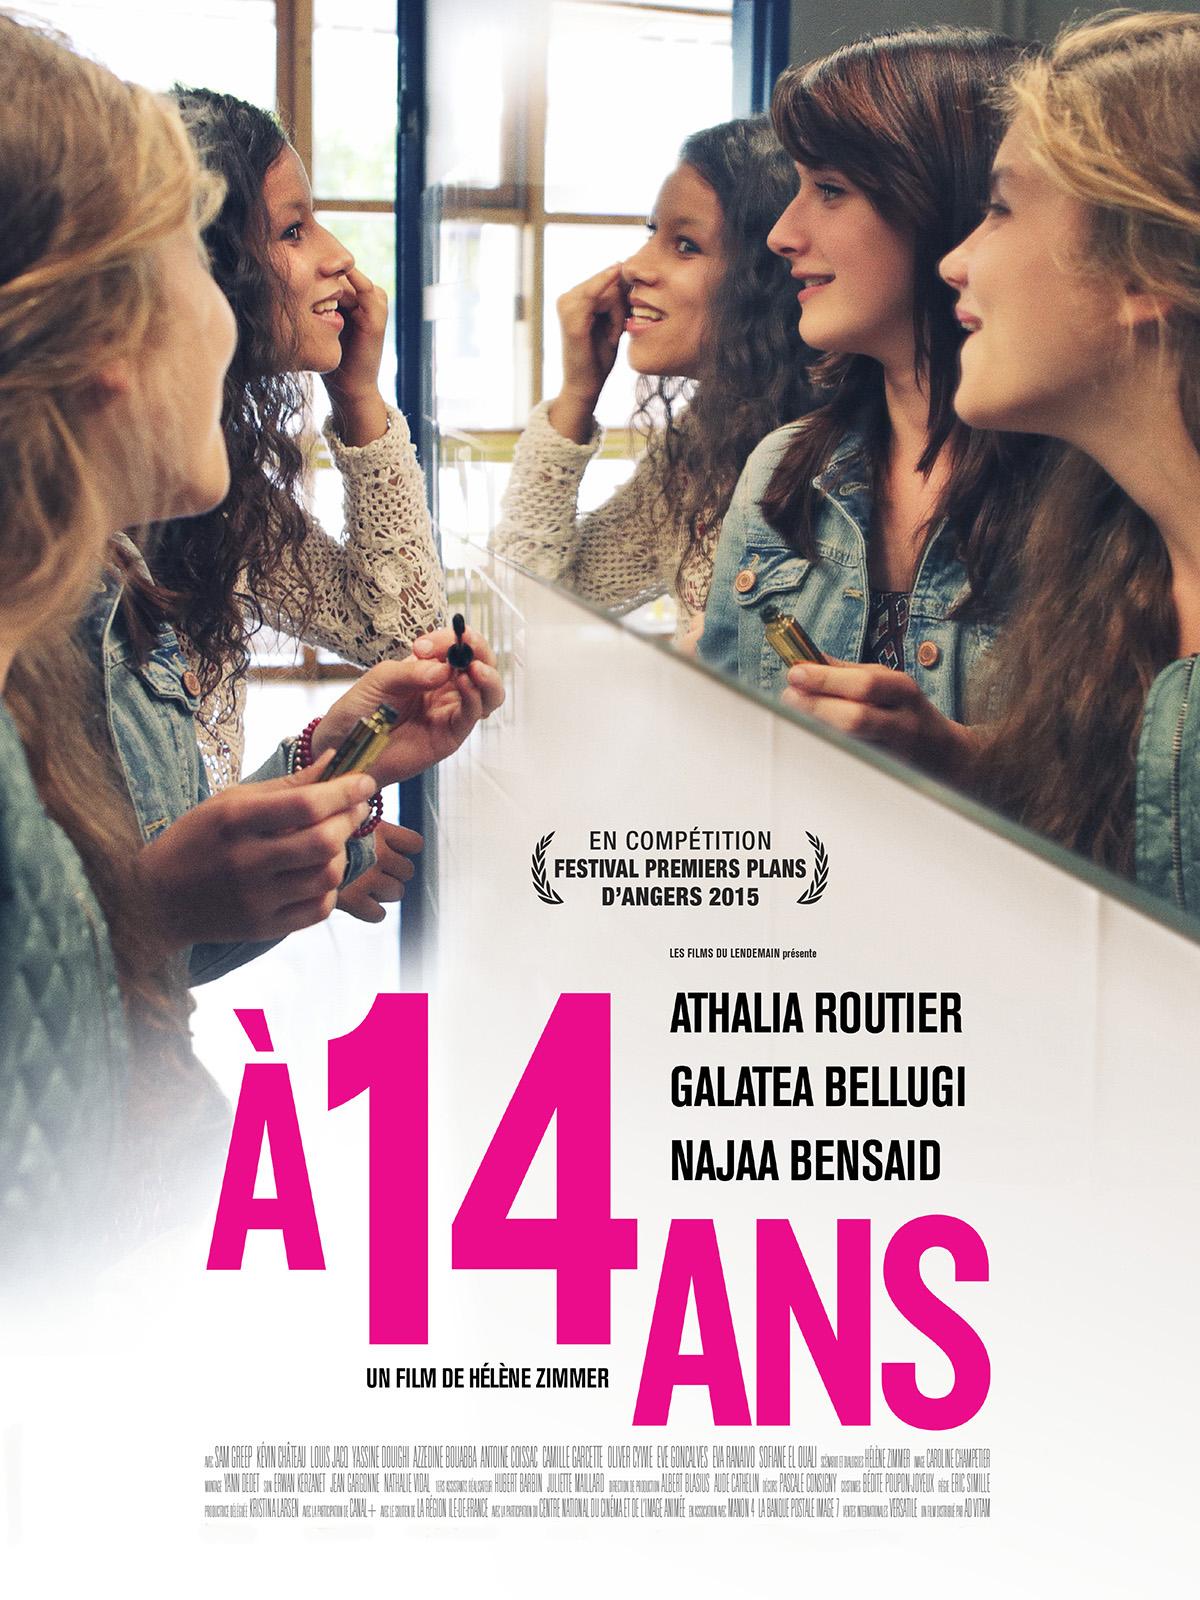 A 14 ans | Zimmer, Hélène (Réalisateur)